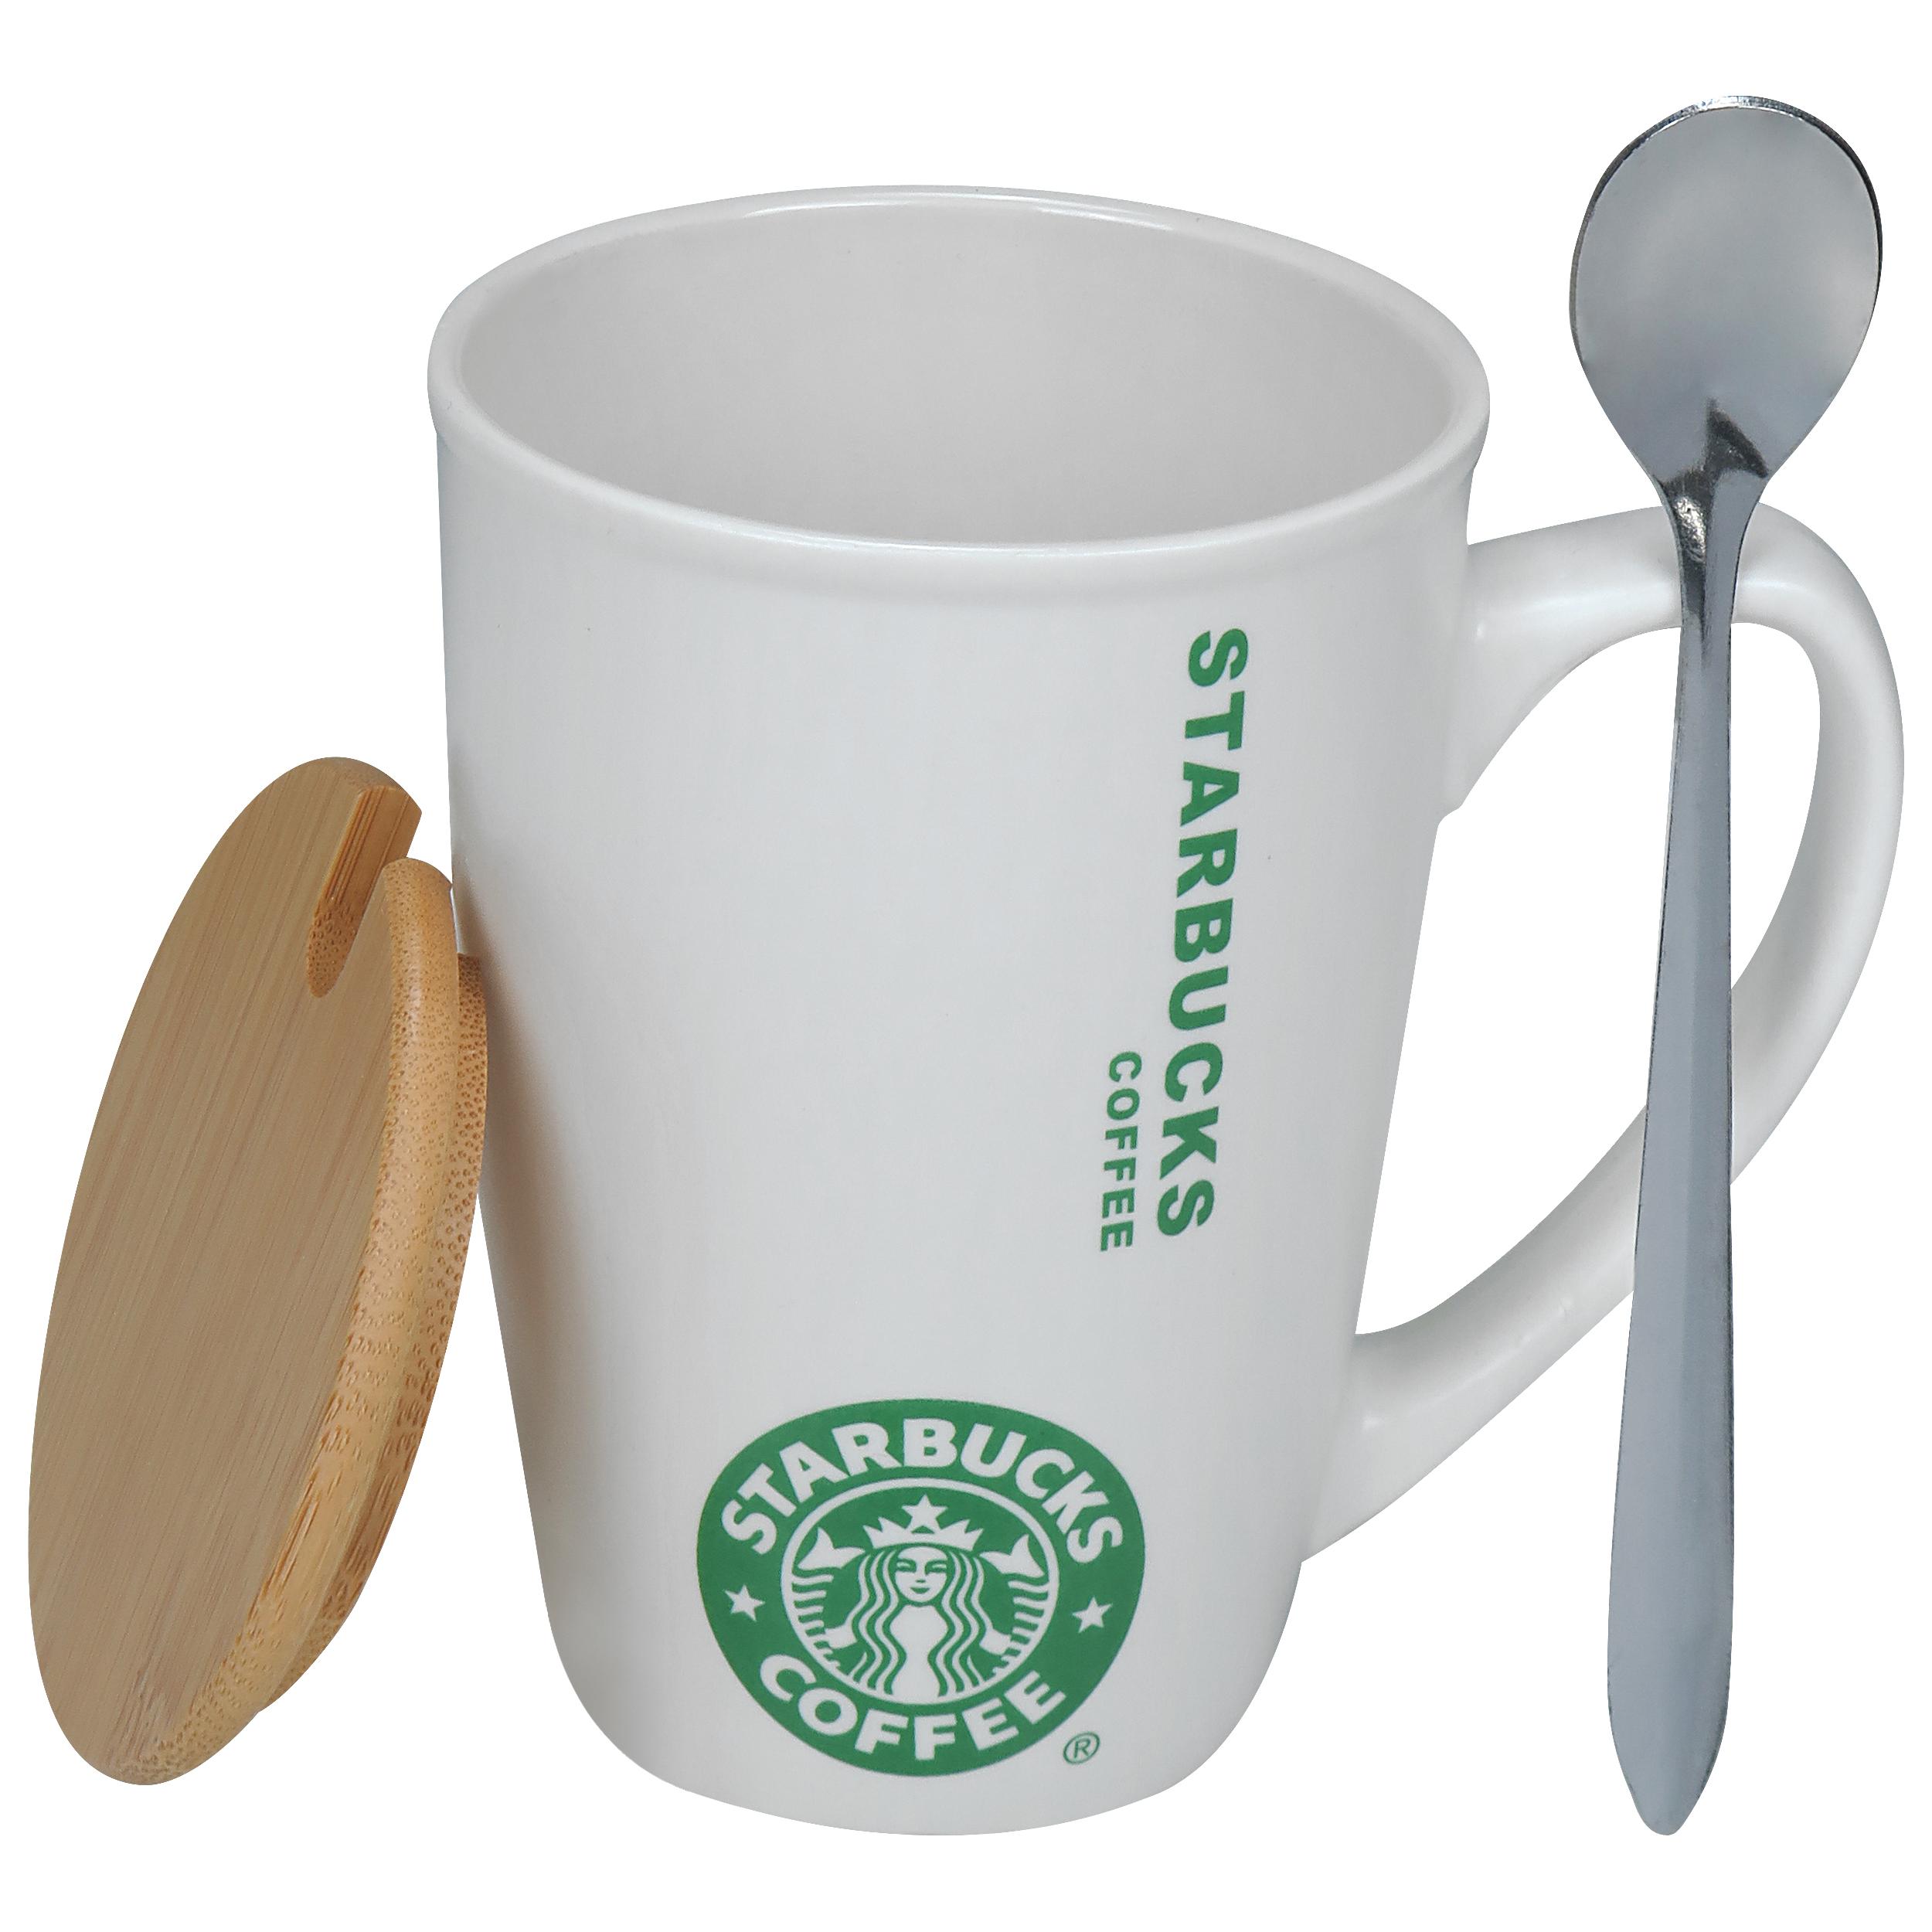 ماگ استارباکس مدل coffee 2023